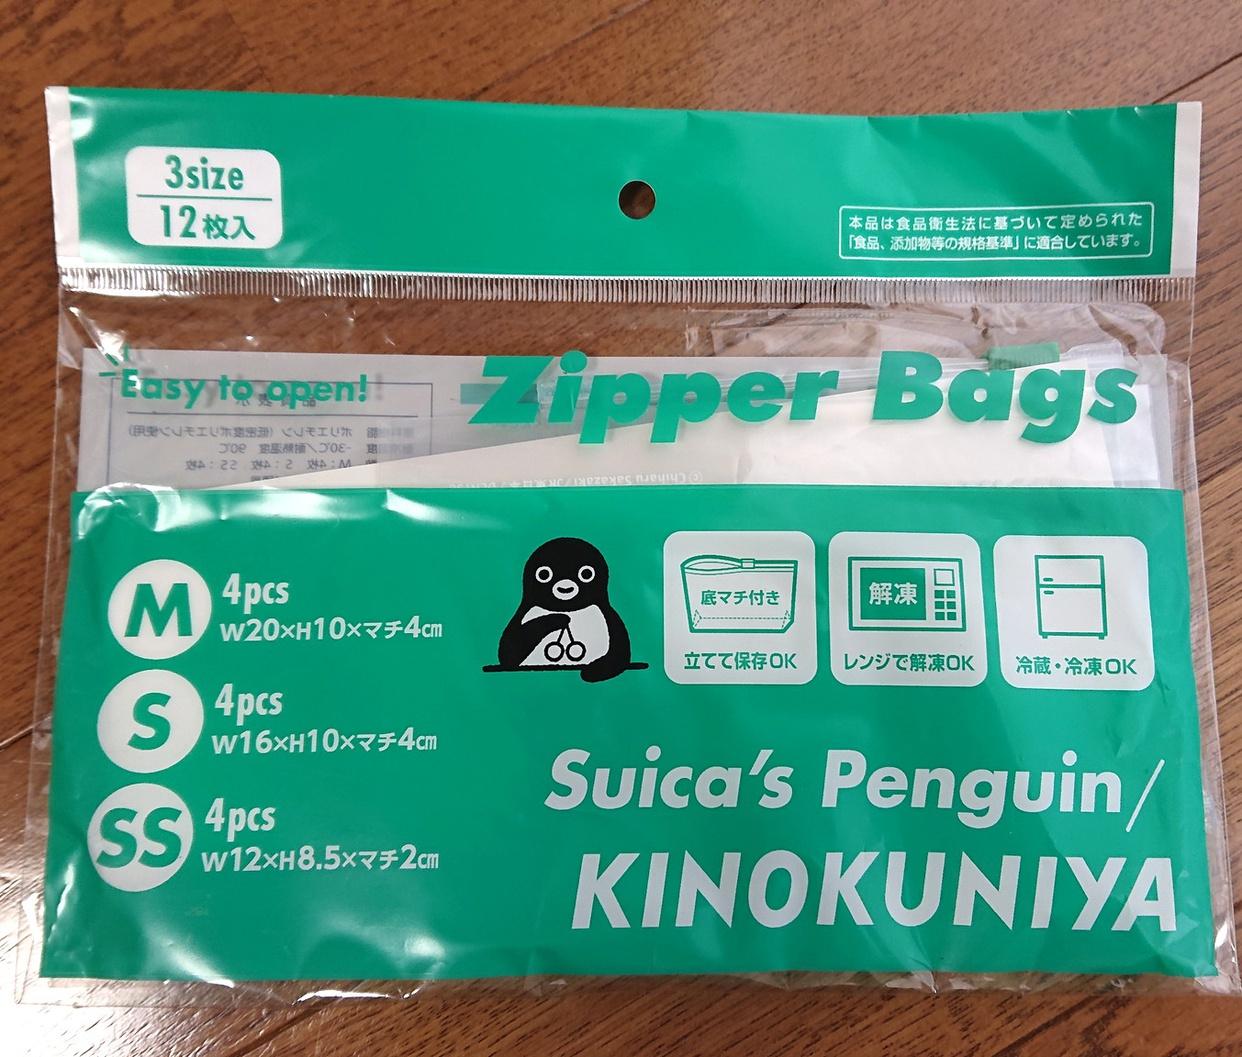 紀ノ国屋(KINOKUNIYA)スライドジッパーバッグ Sを使ったあんころさんのクチコミ画像3